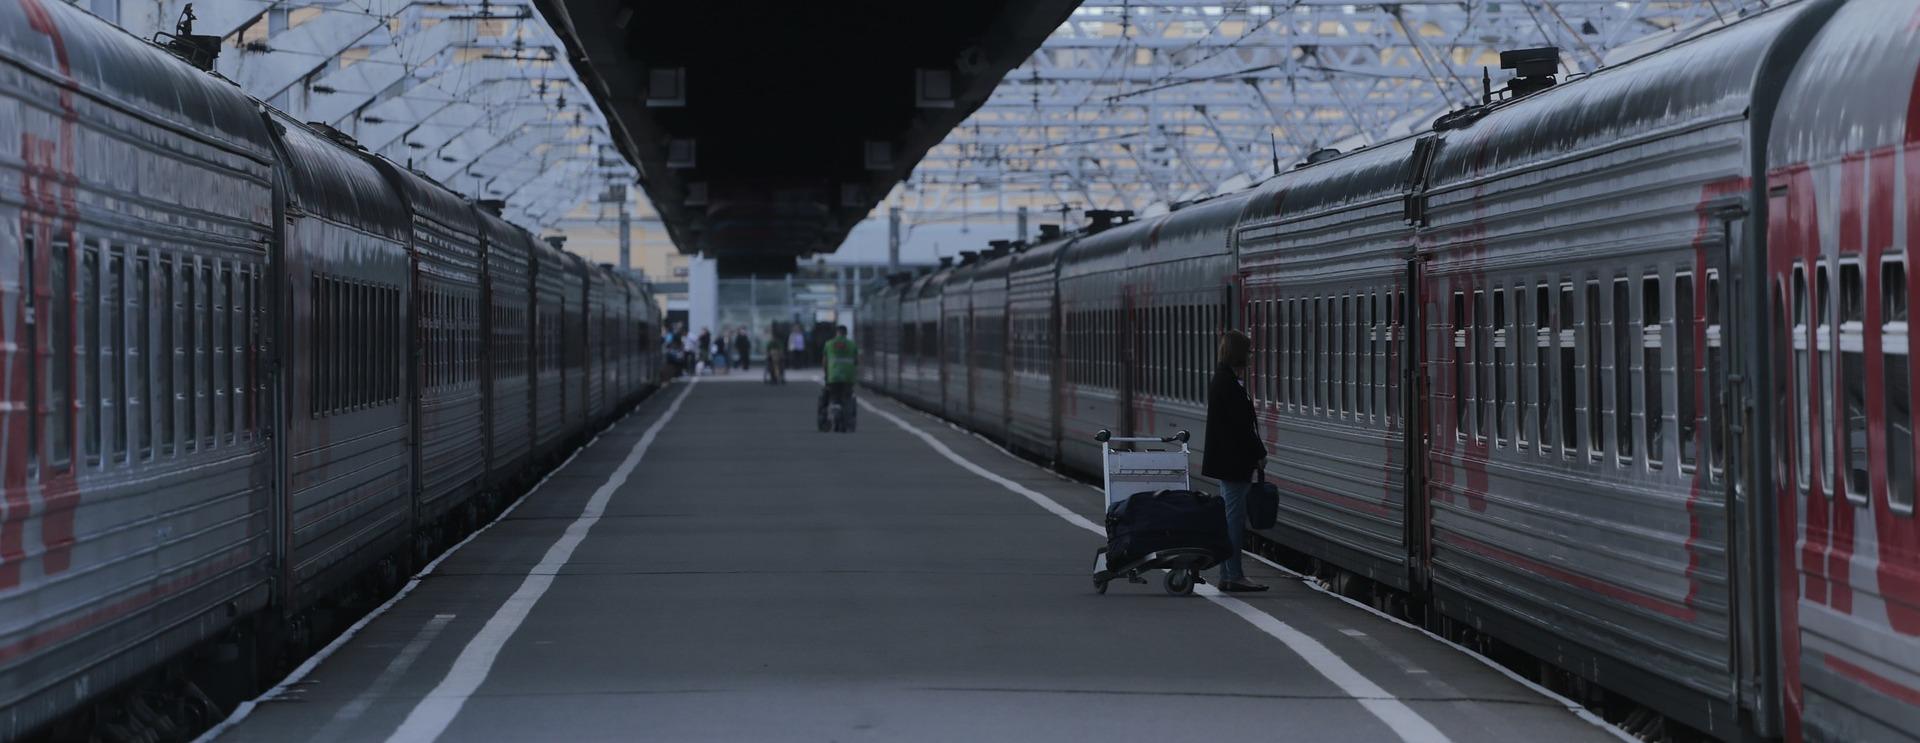 «Уральские локомотивы» поставили почти 100 грузовых локомотивов РЖД